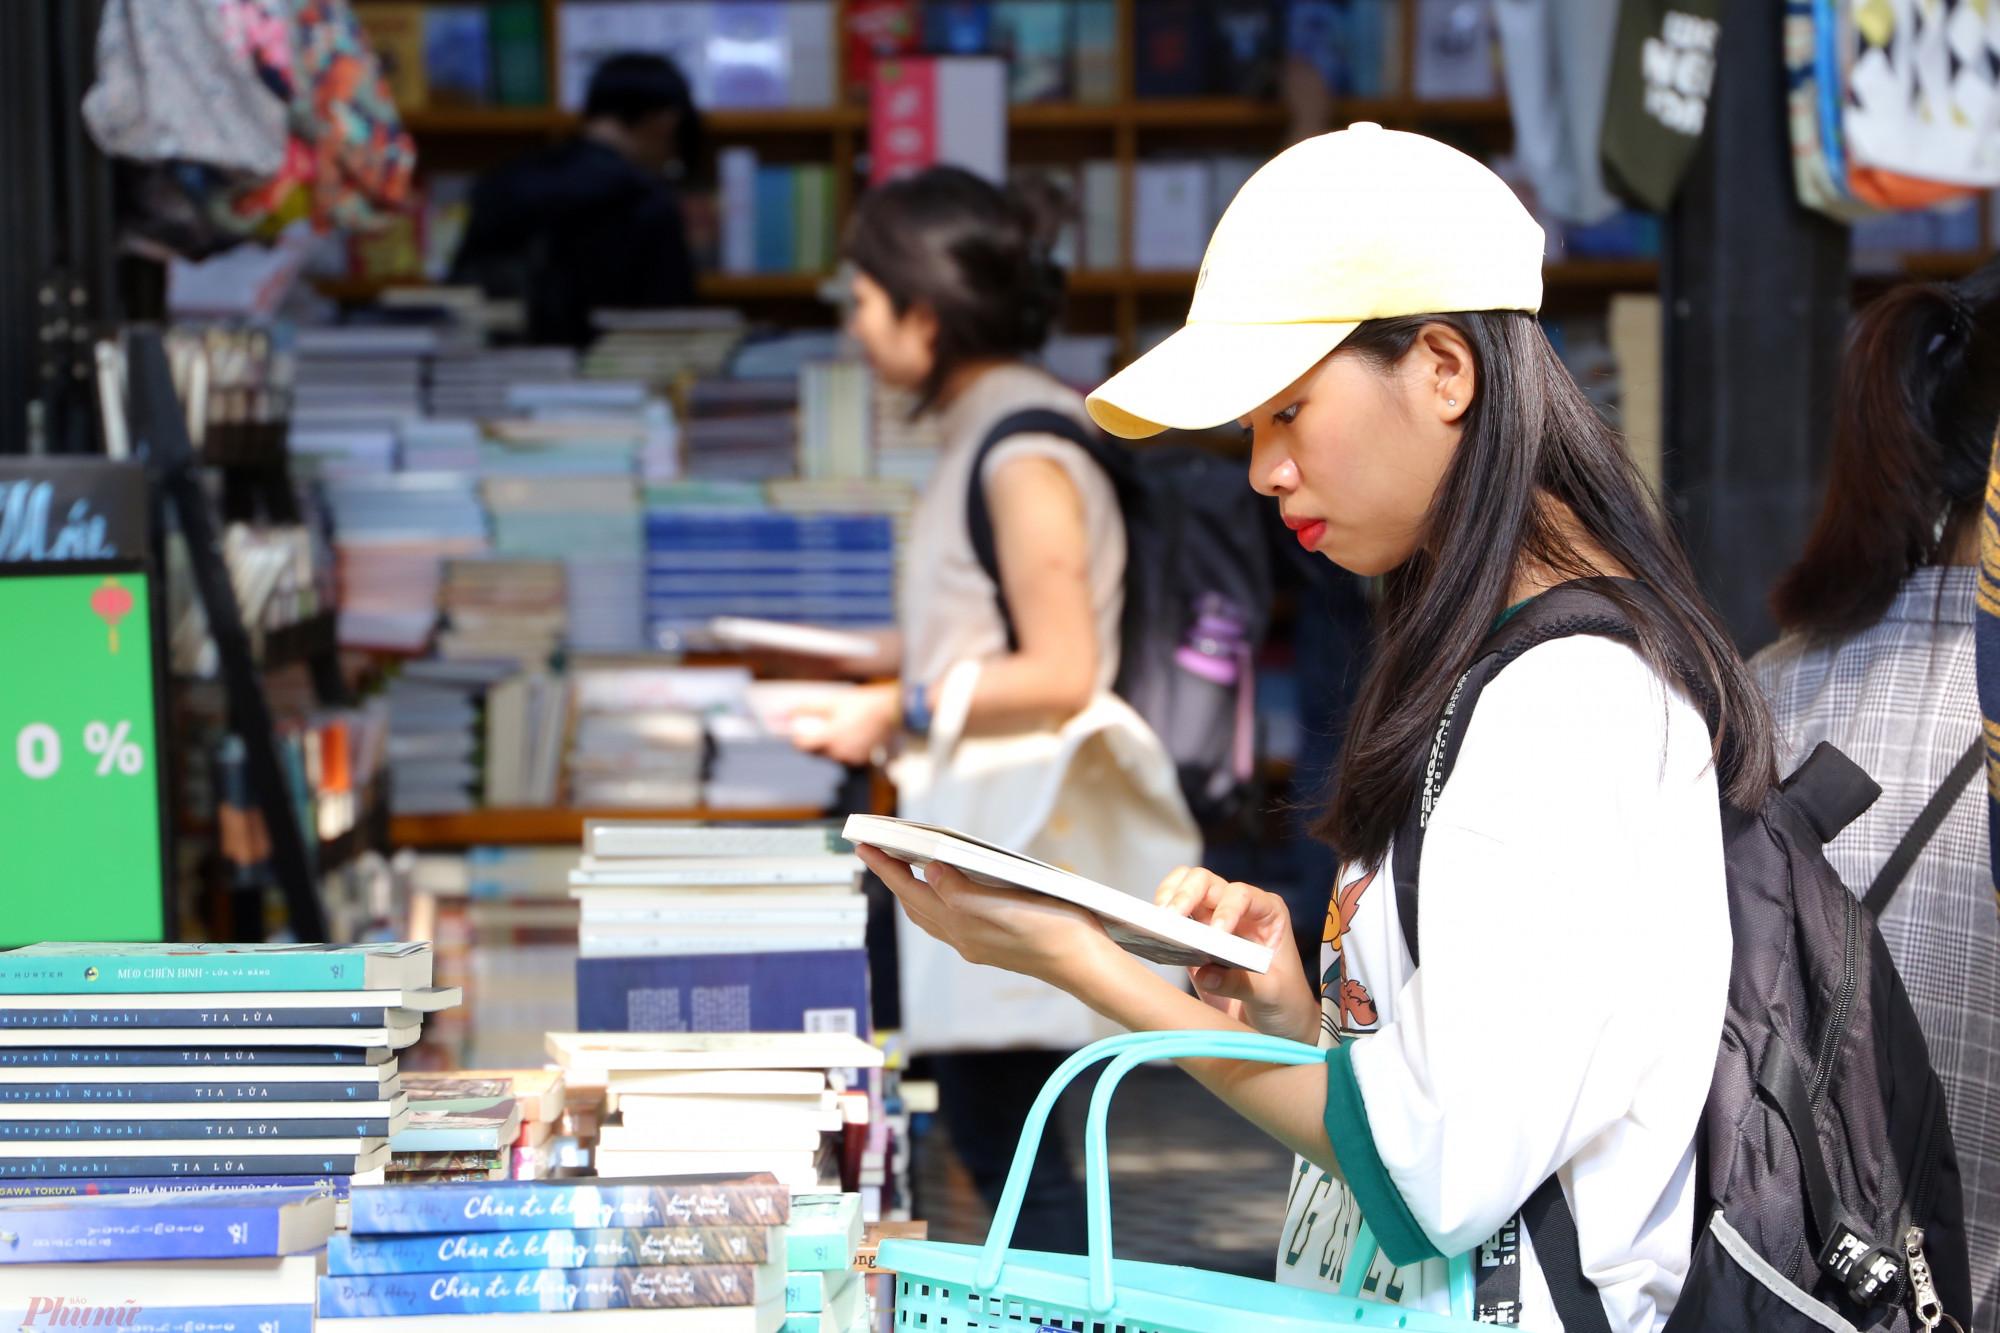 Nhiều hoạt động bán sách giảm giá được các đơn vị tại Đường sách tổ chức